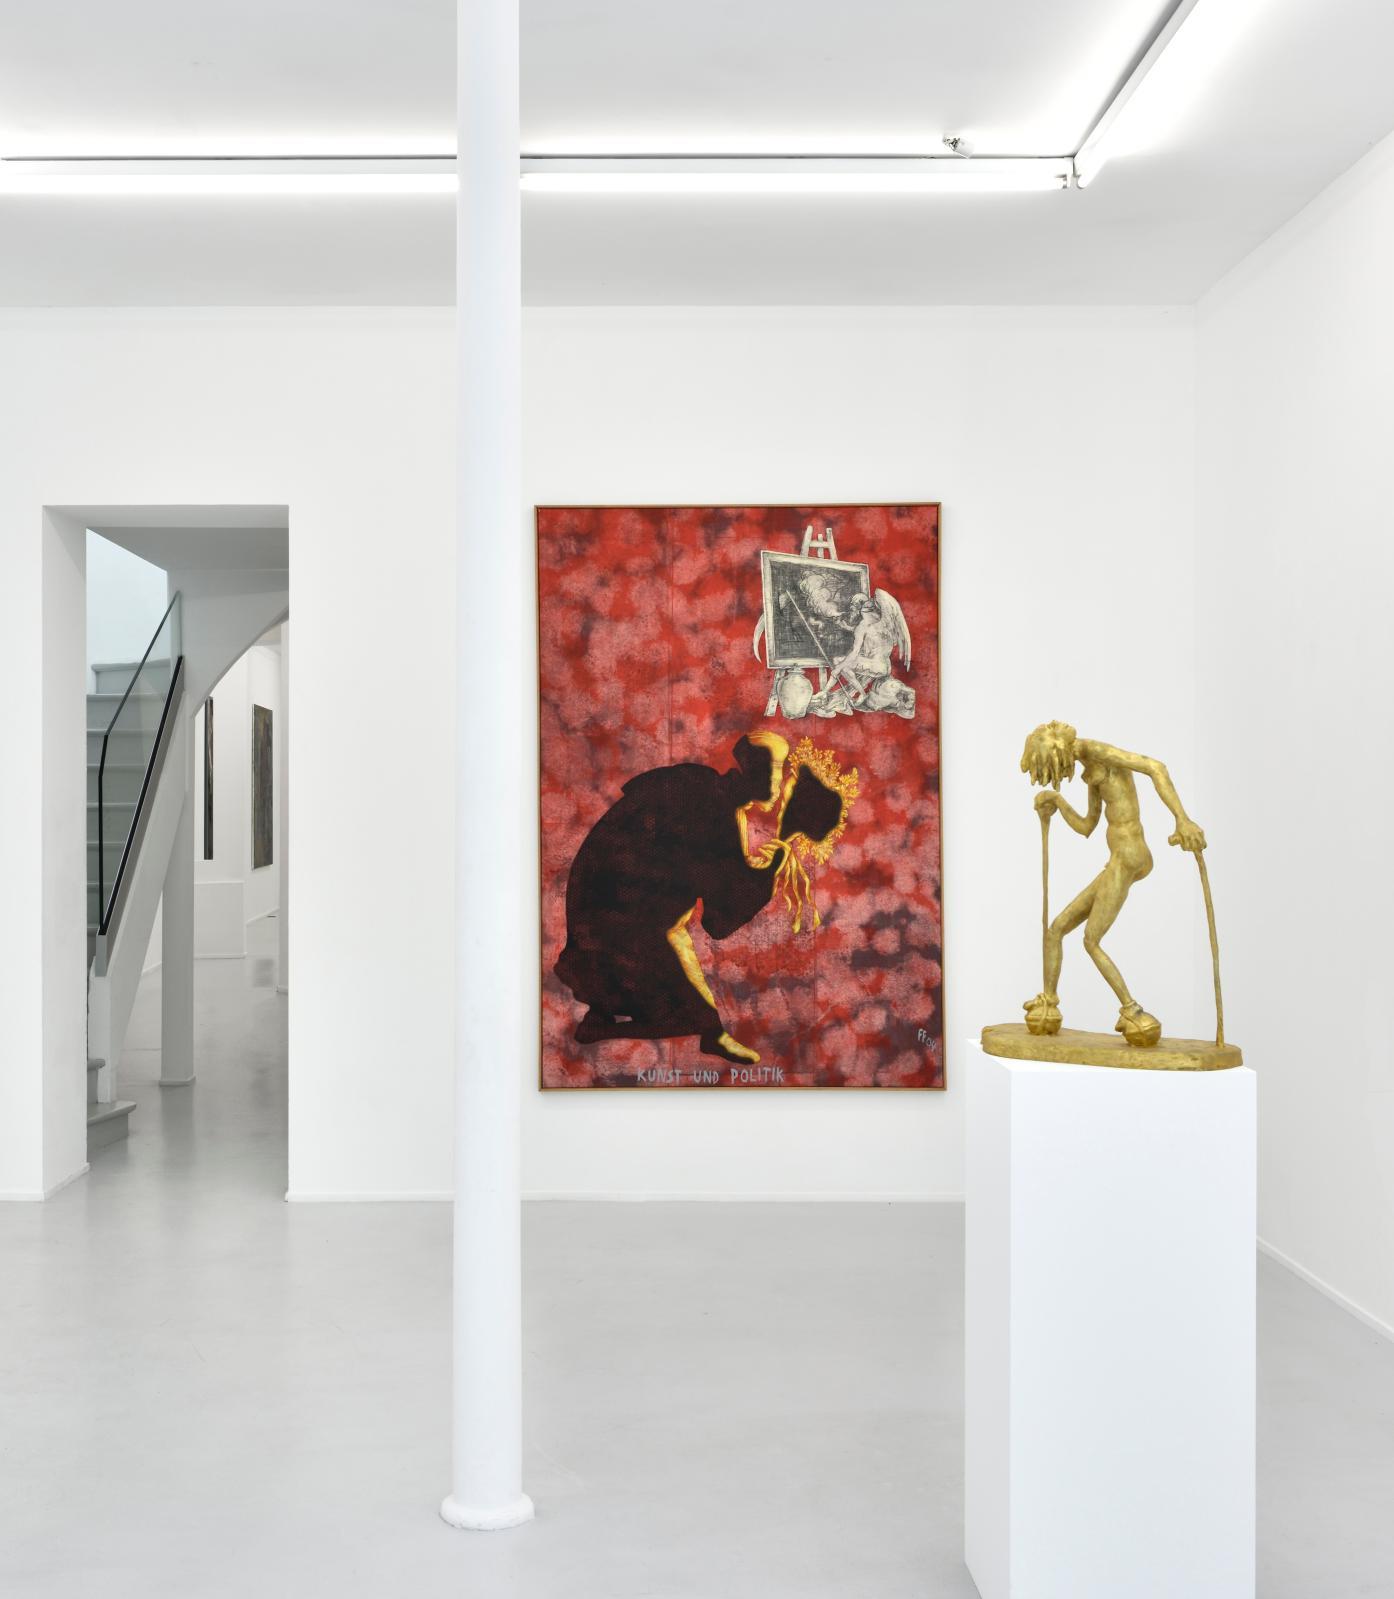 Vue de l'exposition «Jörg Immendorff. Passage» à la galerie Suzanne Tarasieve, Paris, 2019.